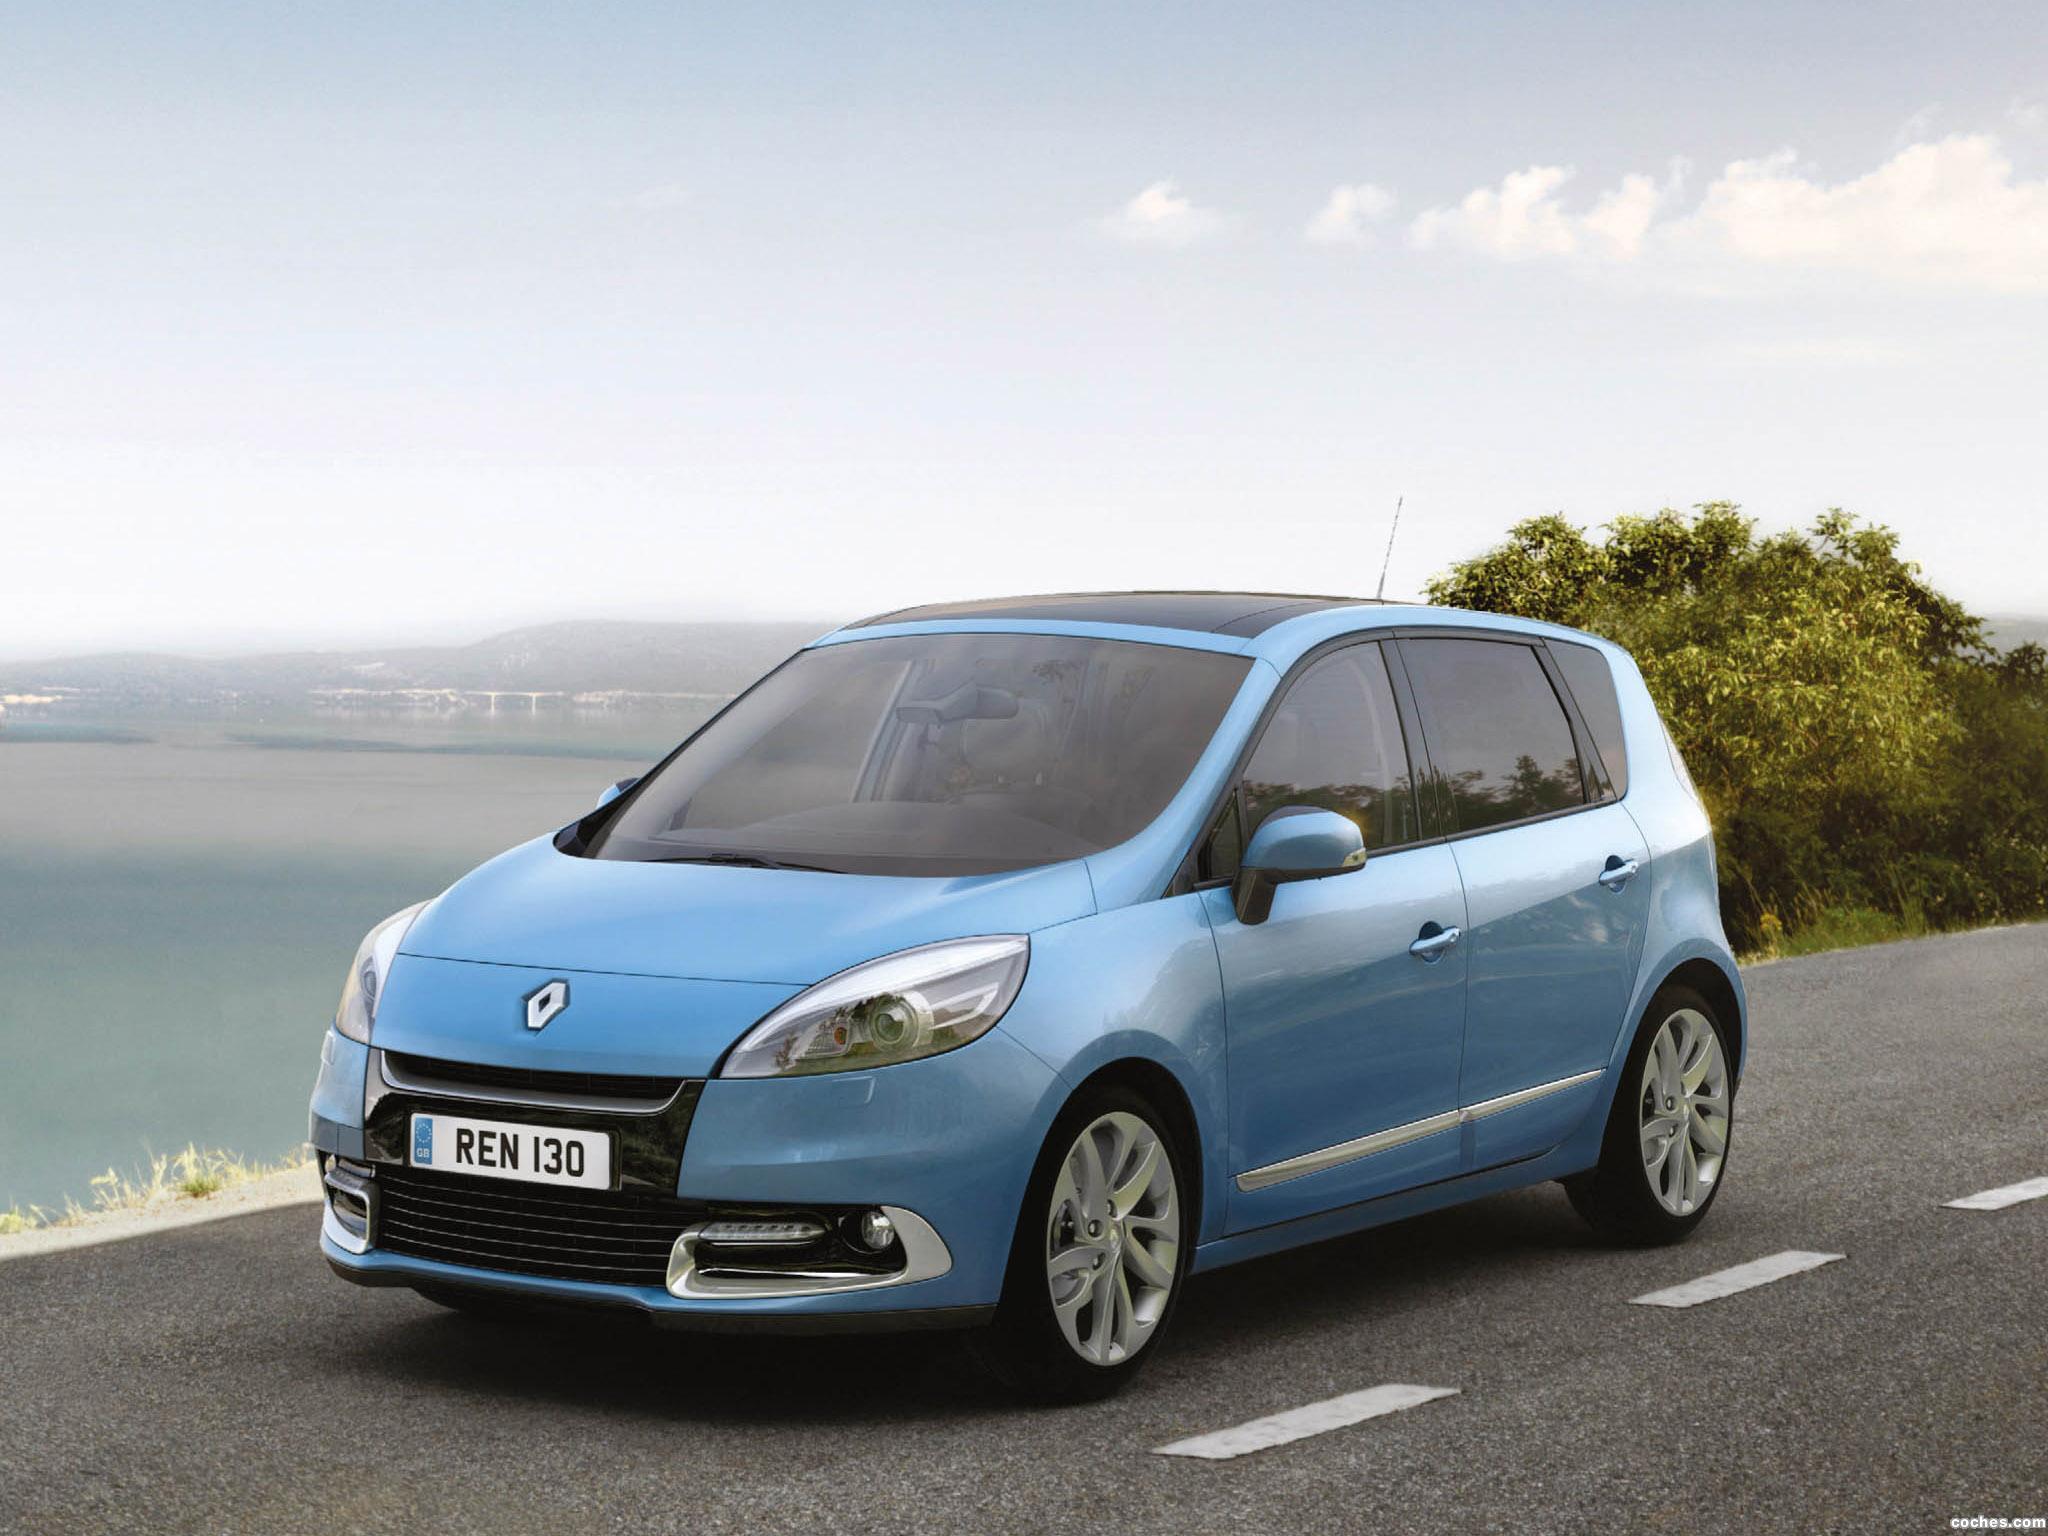 Foto 0 de Renault Scenic UK 2012